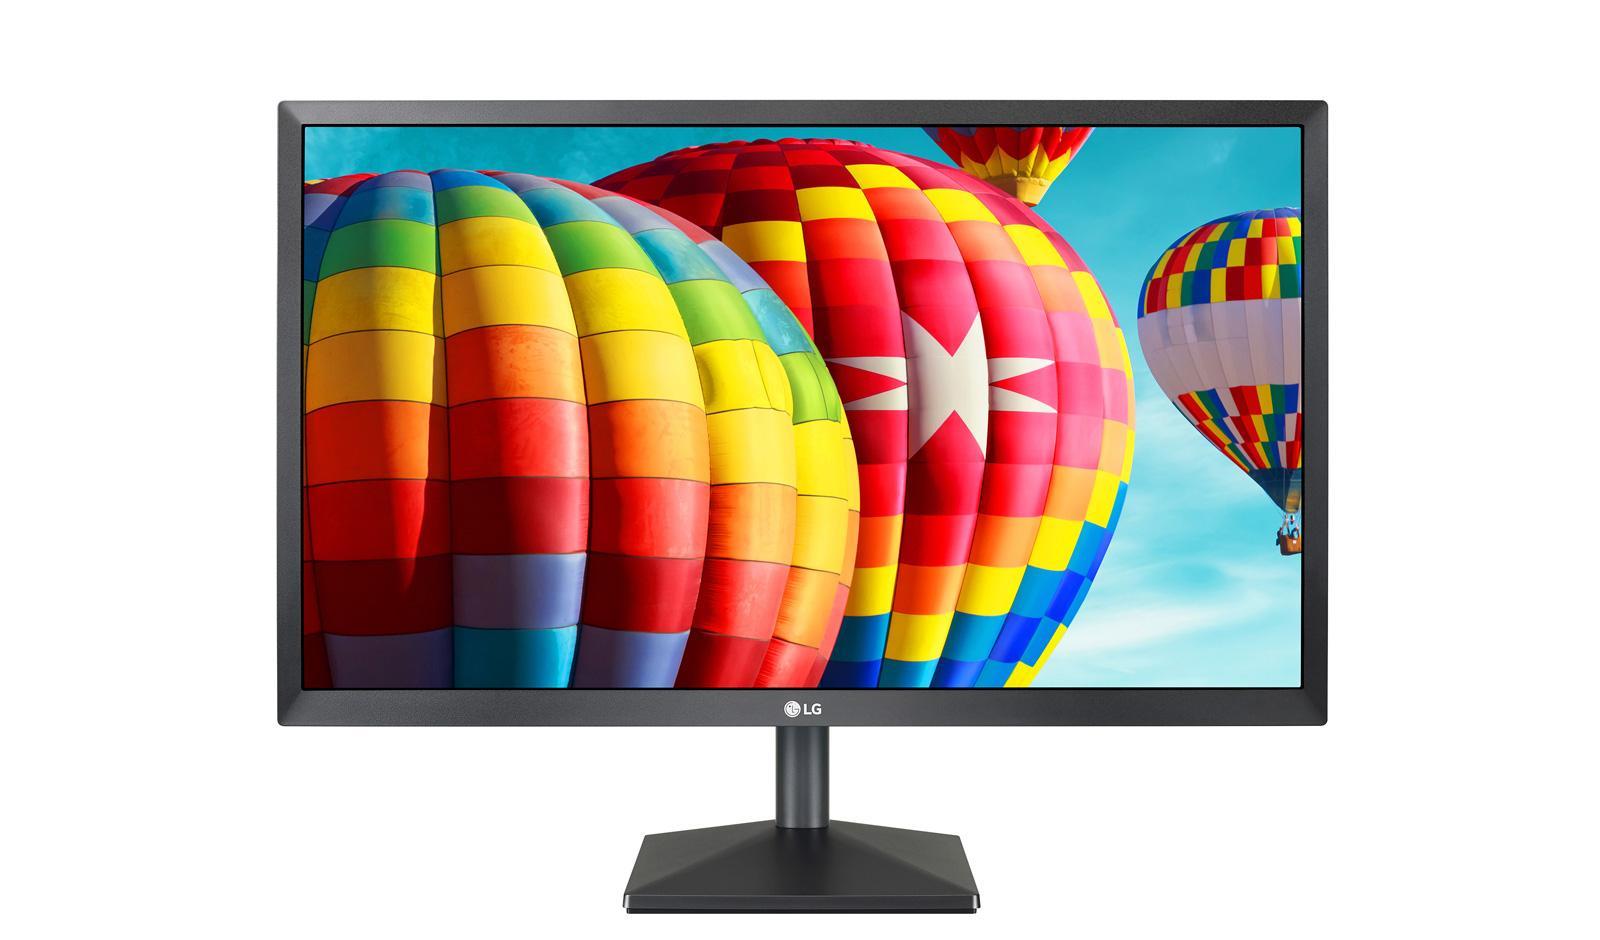 """LG 34WK650-W Black//Silver 34/"""" FHD 1080p HDR AMD FreeSync UltraWide LED Monitor,"""